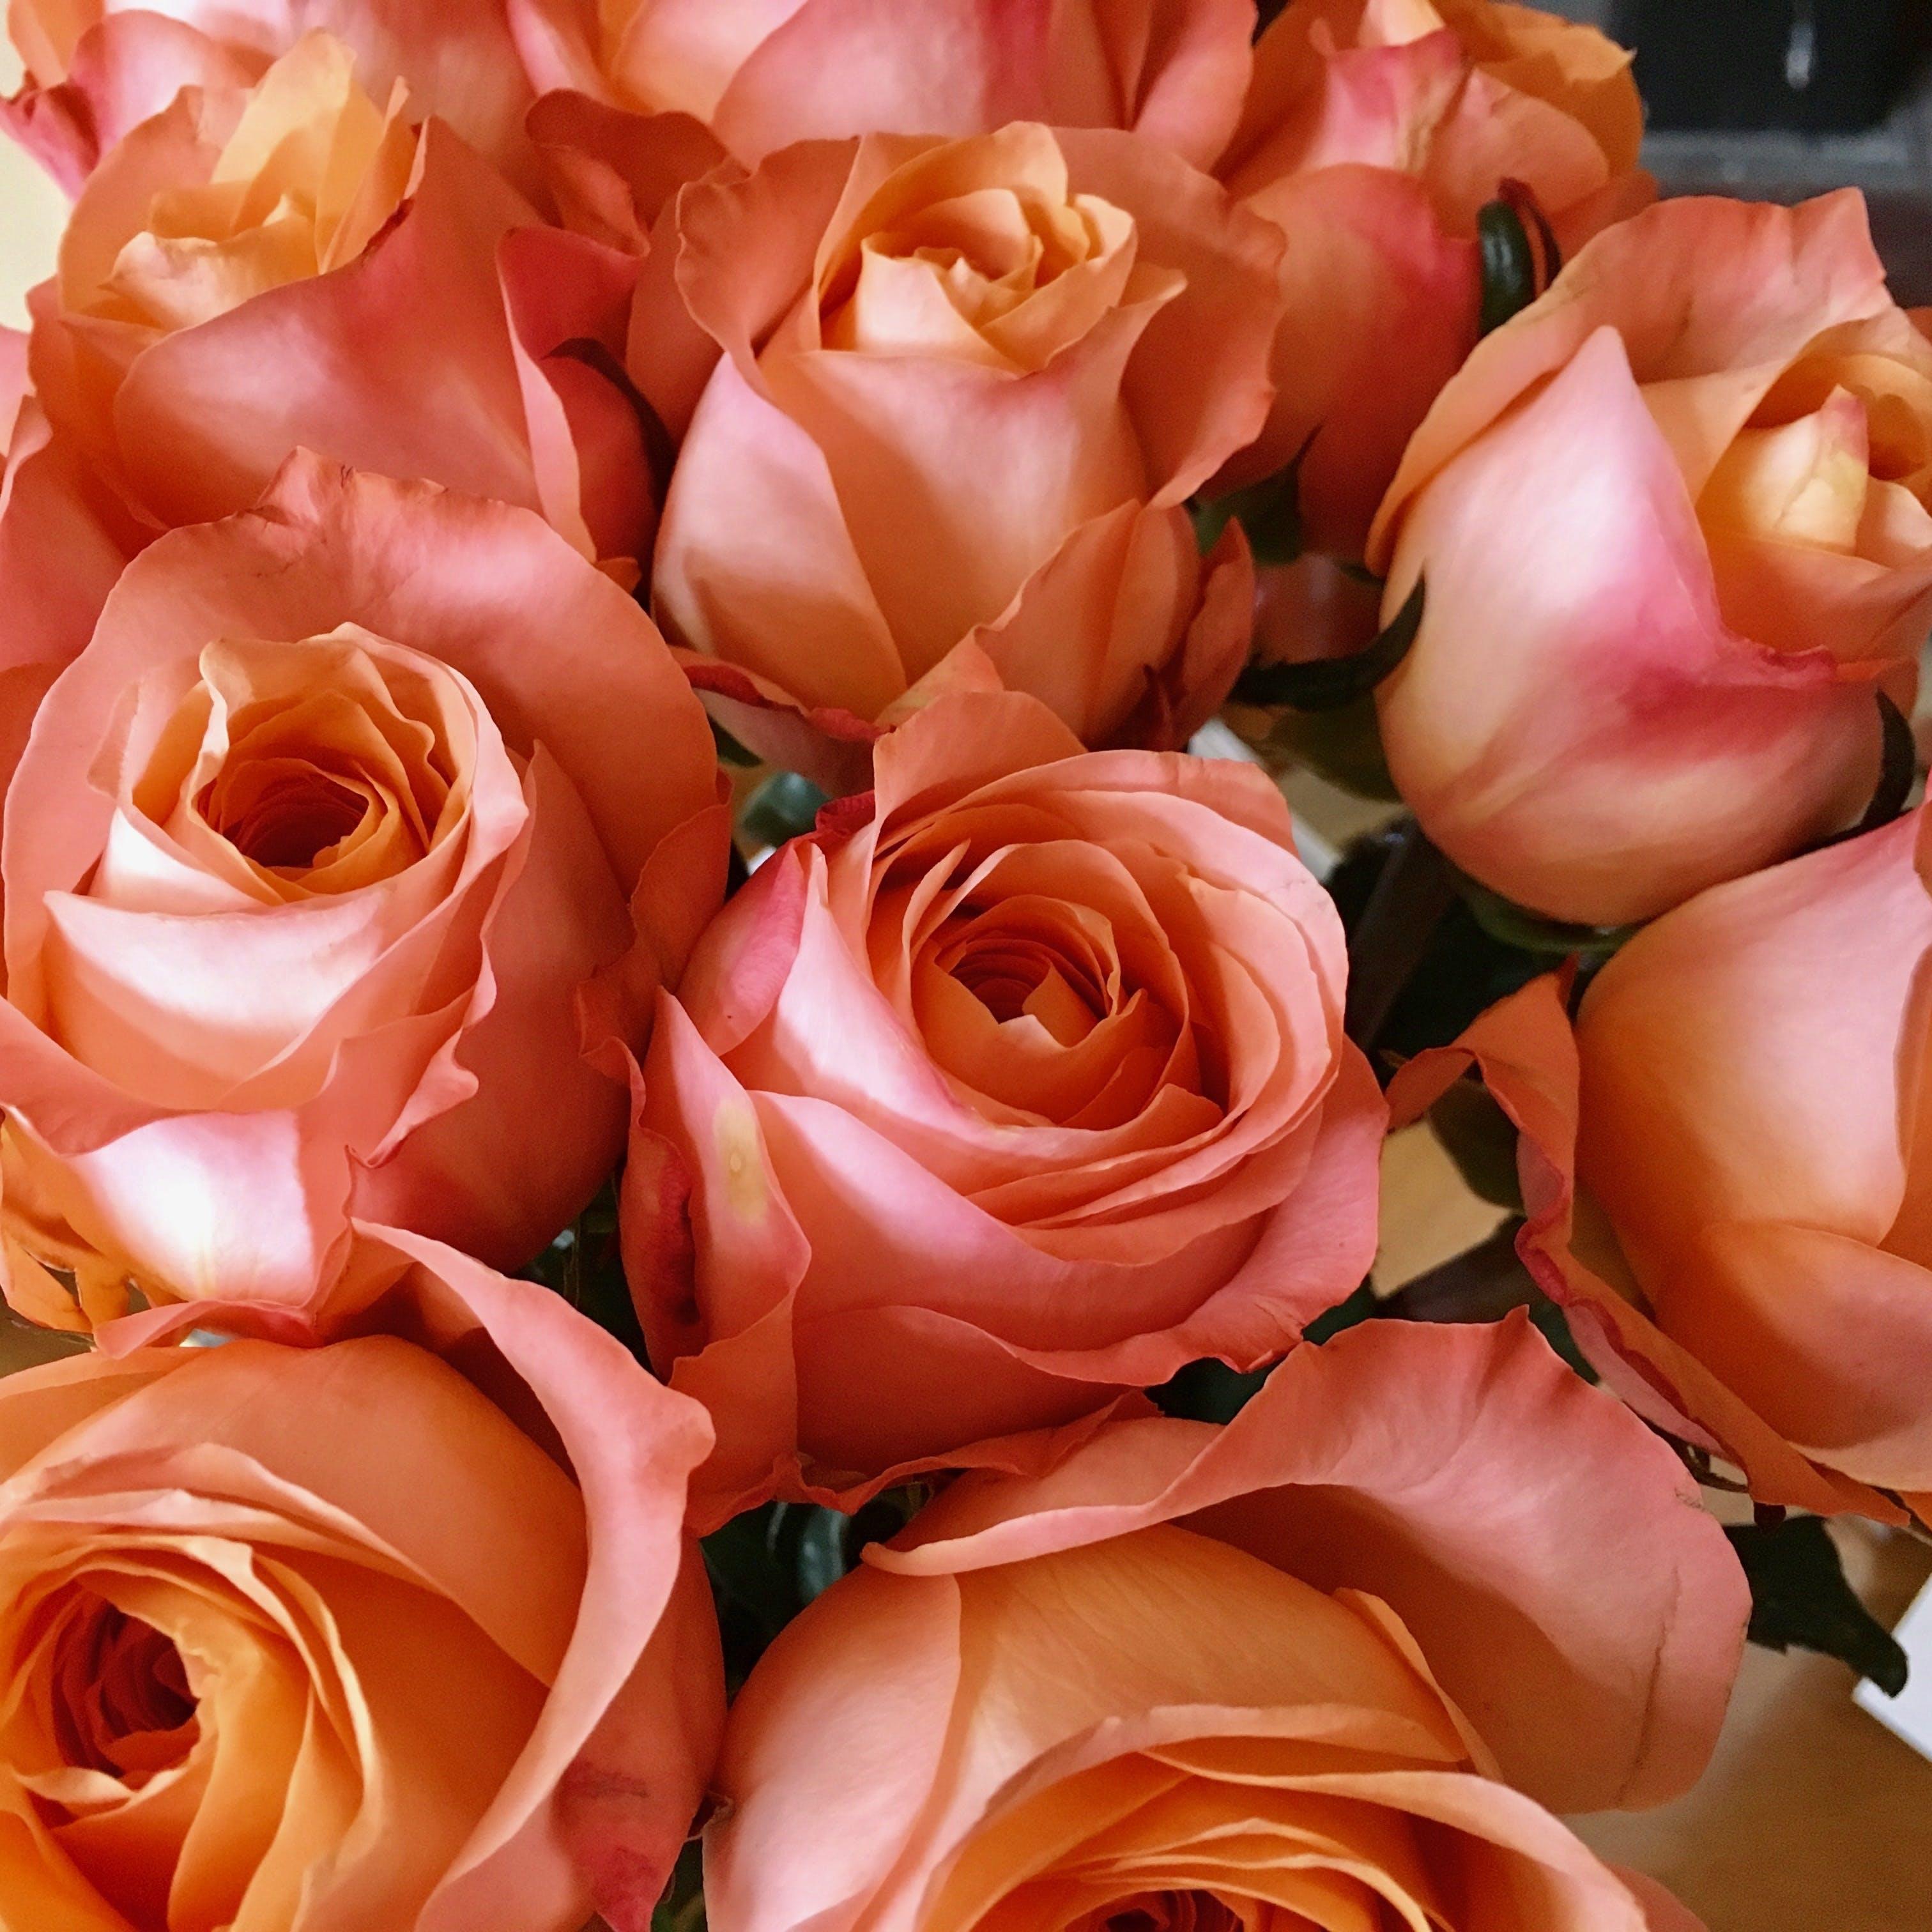 arrangement, bloom, blooming